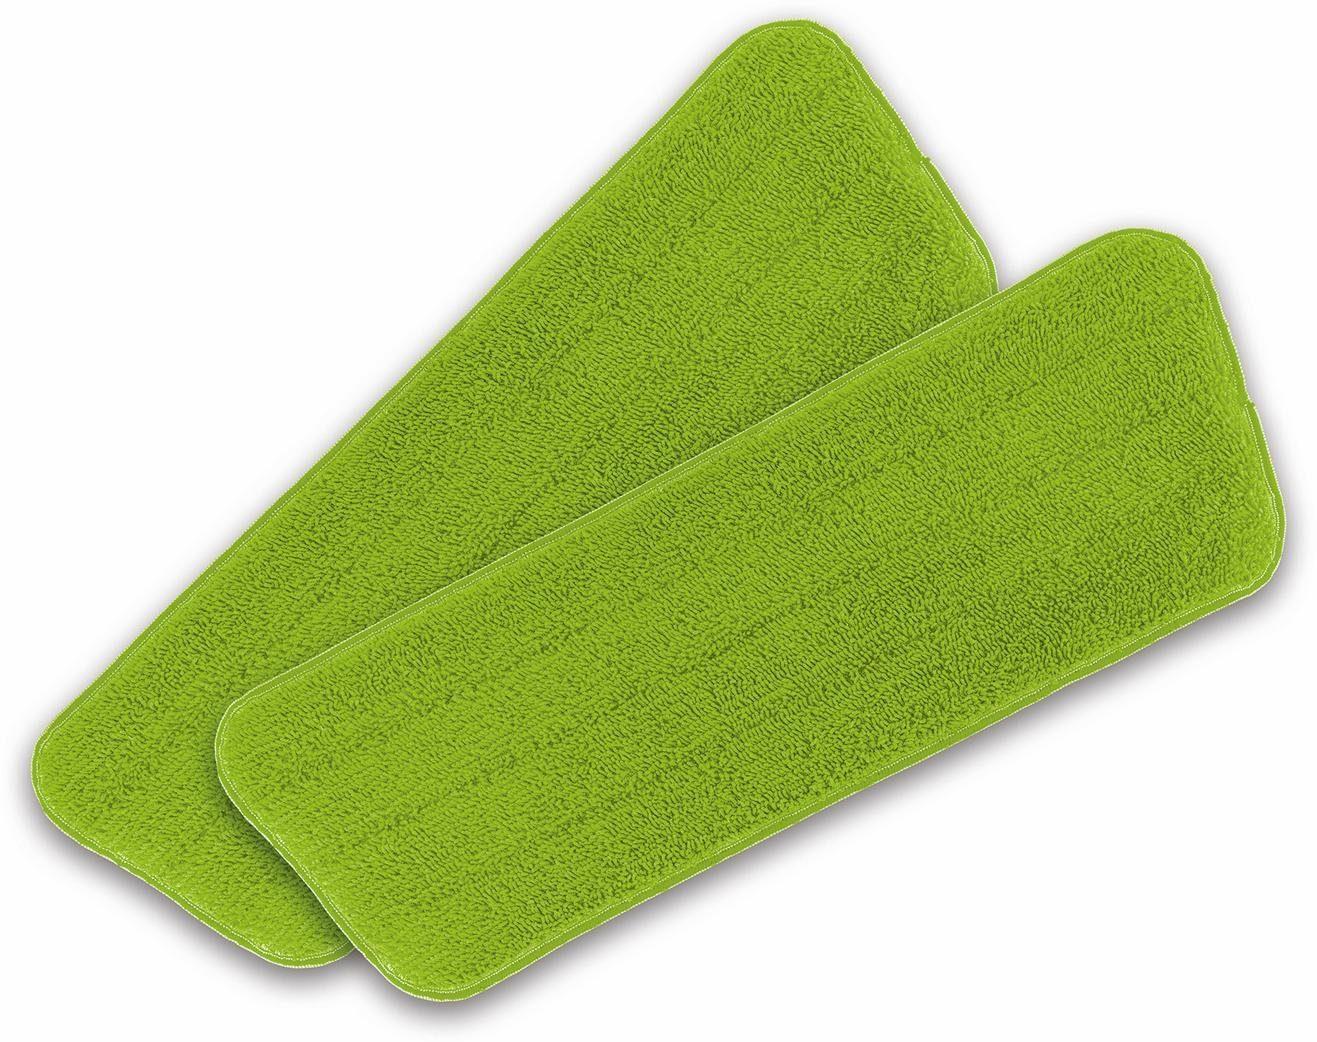 cleanmaxx Ersatz-Wischtuch 2er-Set limegreen